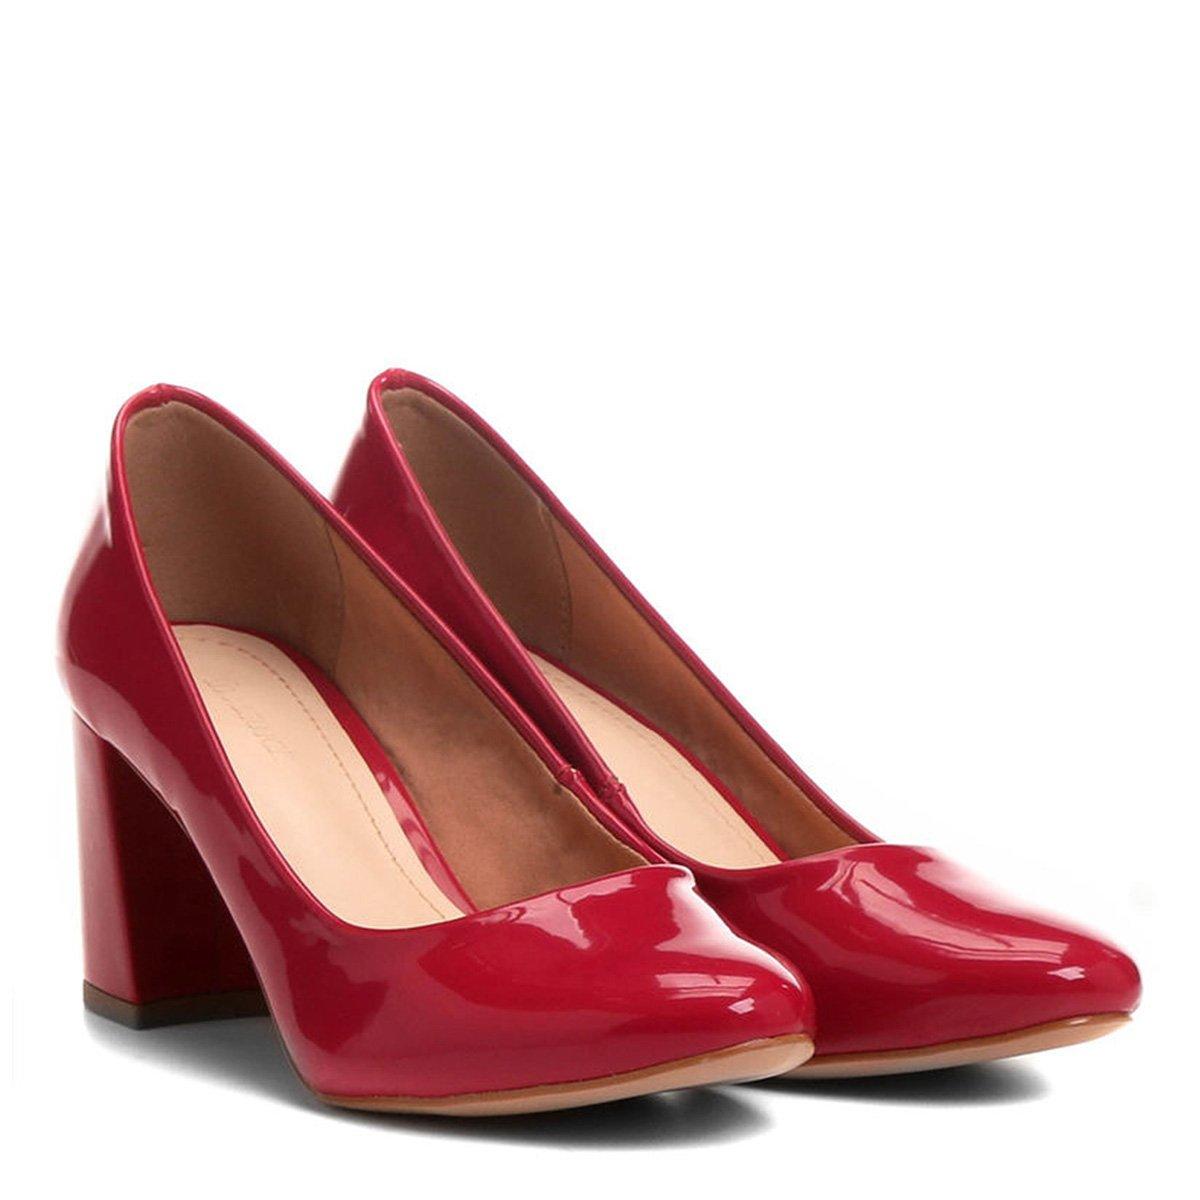 c5d0b5abb gel excite 4 asics,nike guile air max,barcelos sapatos,comprar ...